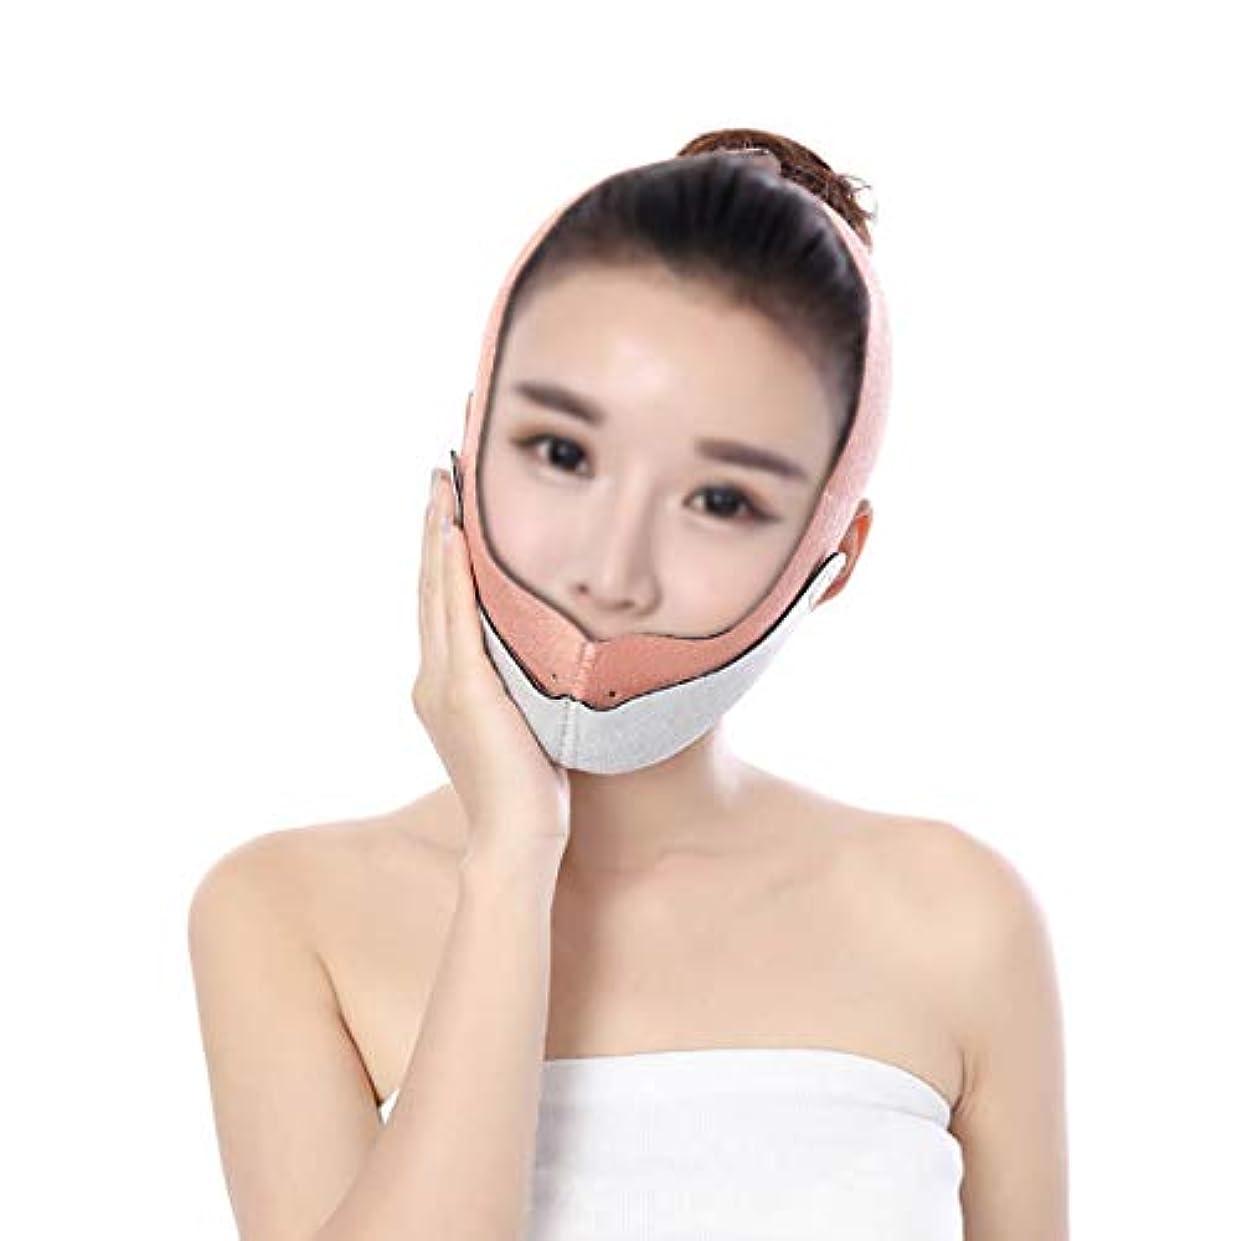 デンマーク語会計汚染されたXHLMRMJ 引き締めフェイスマスク、フェイスリフティングアーティファクト修正フェイスリフティングベルト垂れ防止包帯美容マスクマスクVフェイスクロスツール